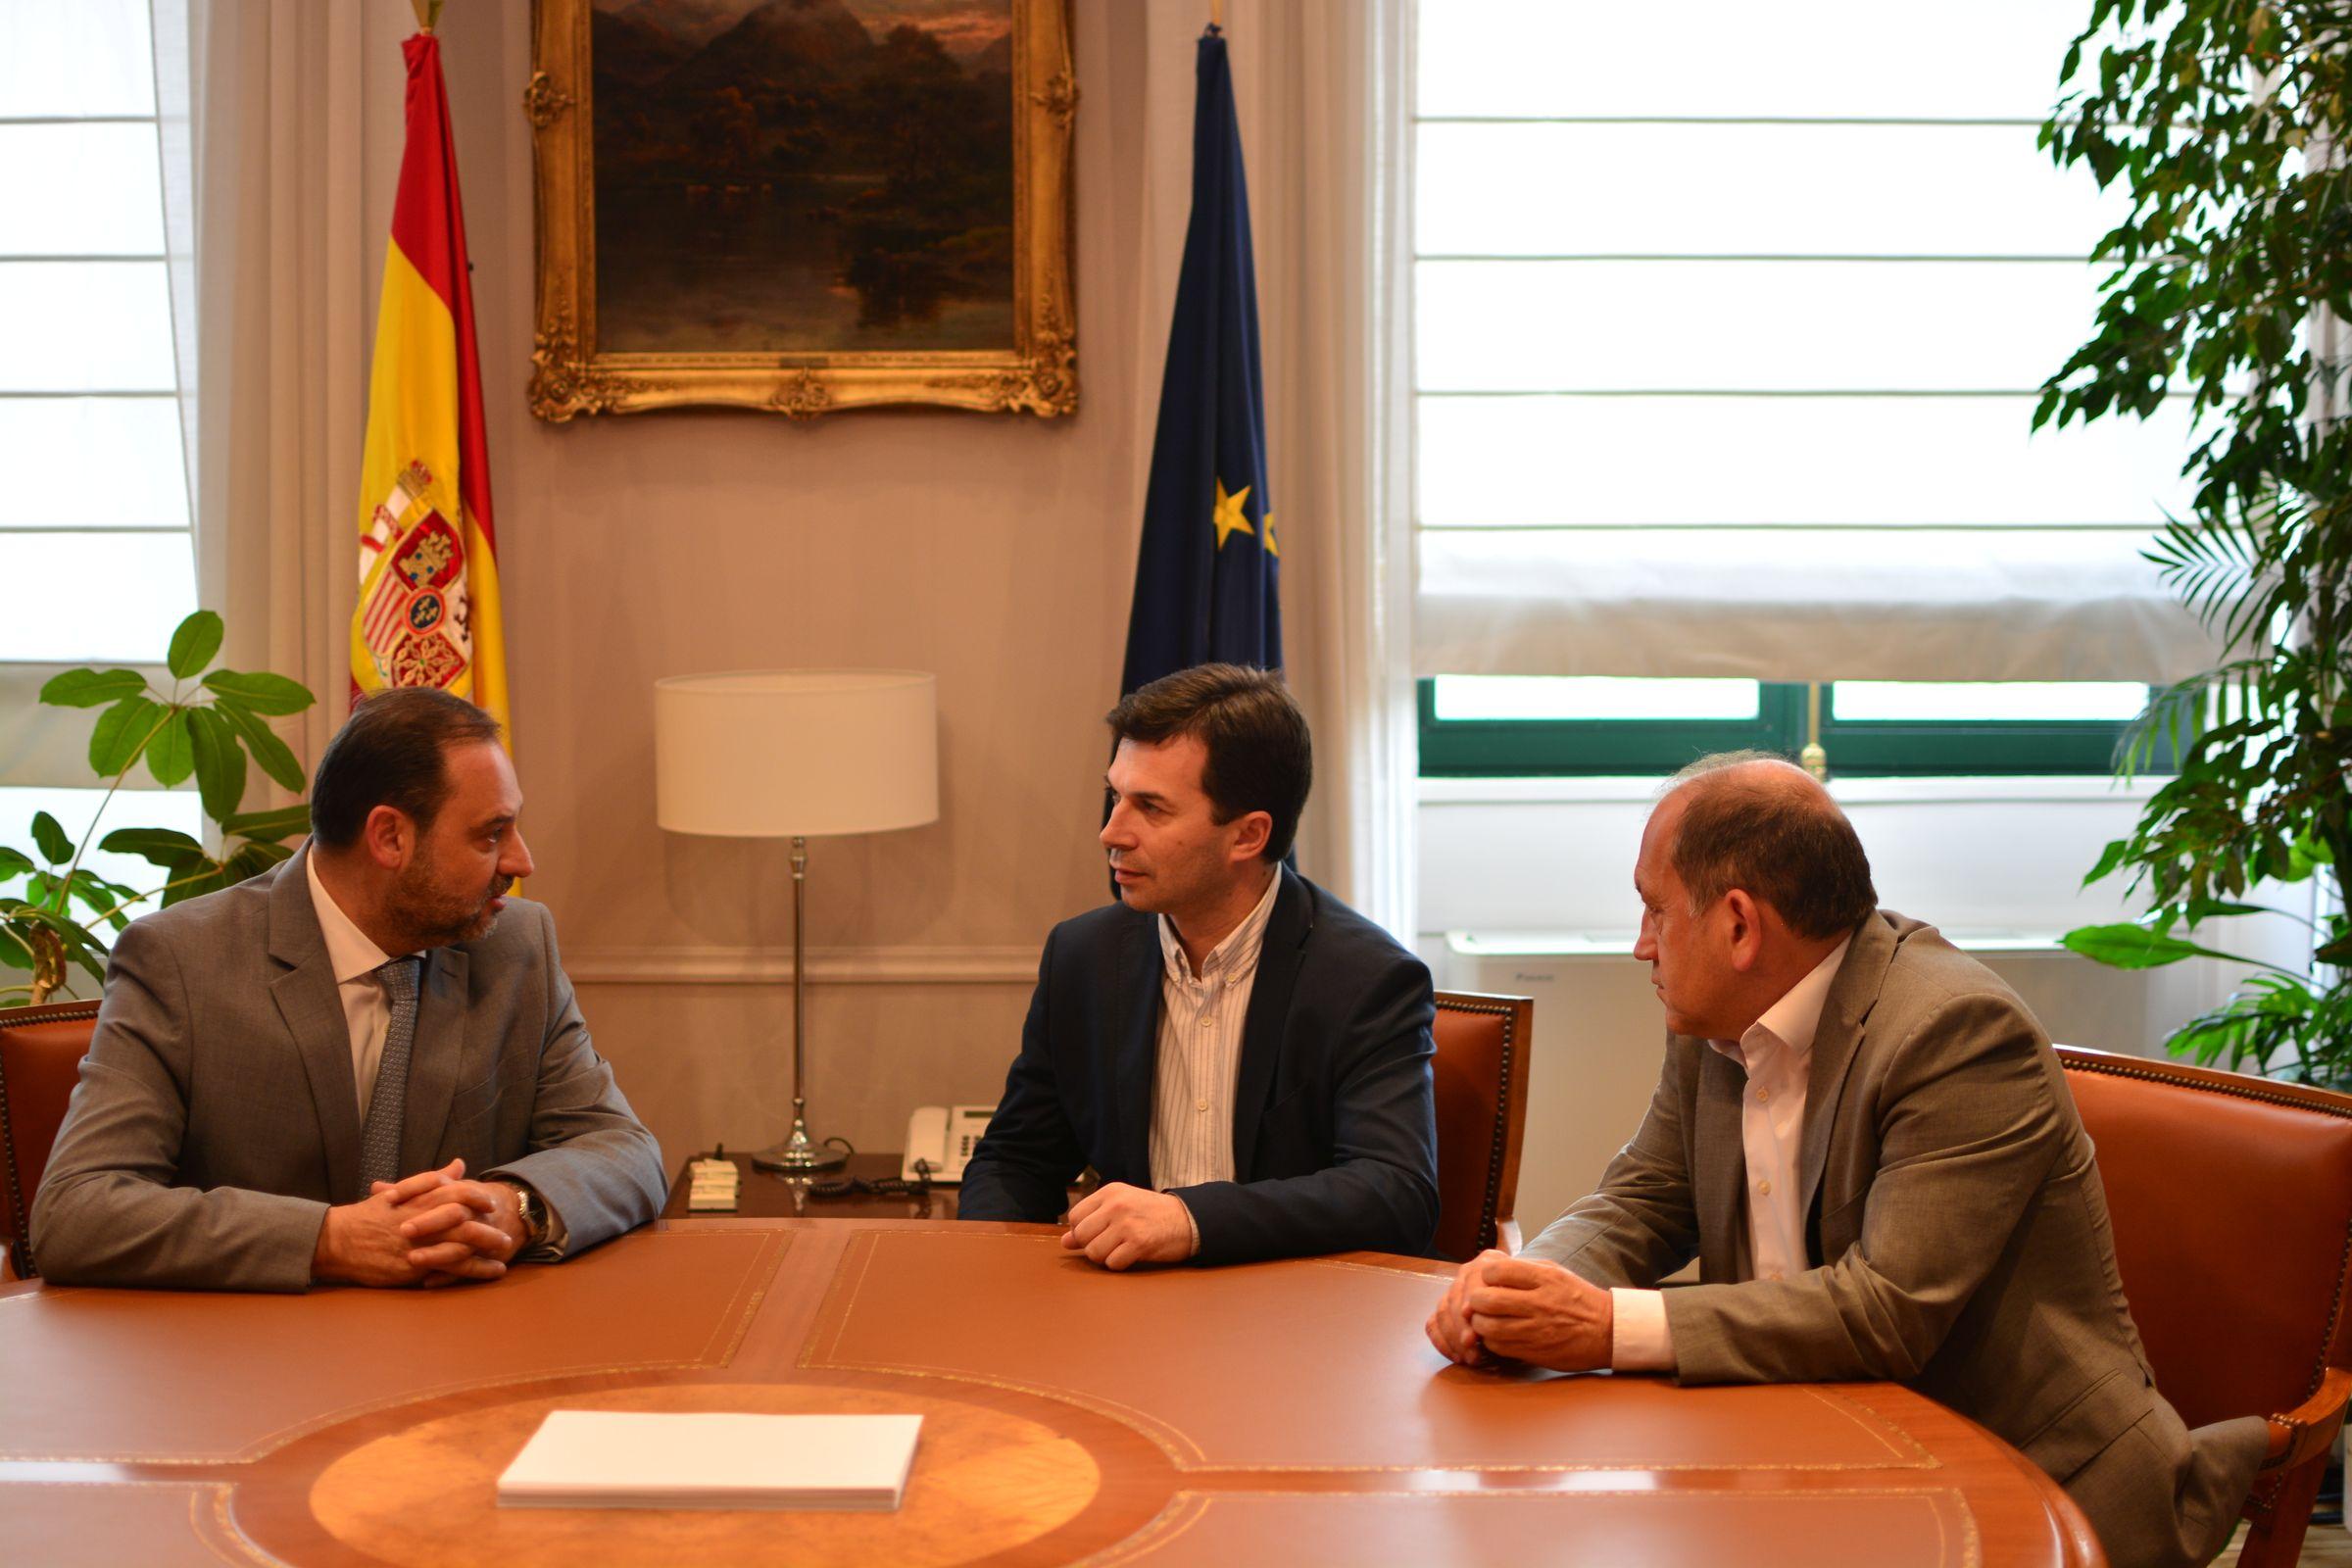 Subdelegados Gobierno.Caballero se reunió ayer con el ministro José Luis Ábalos